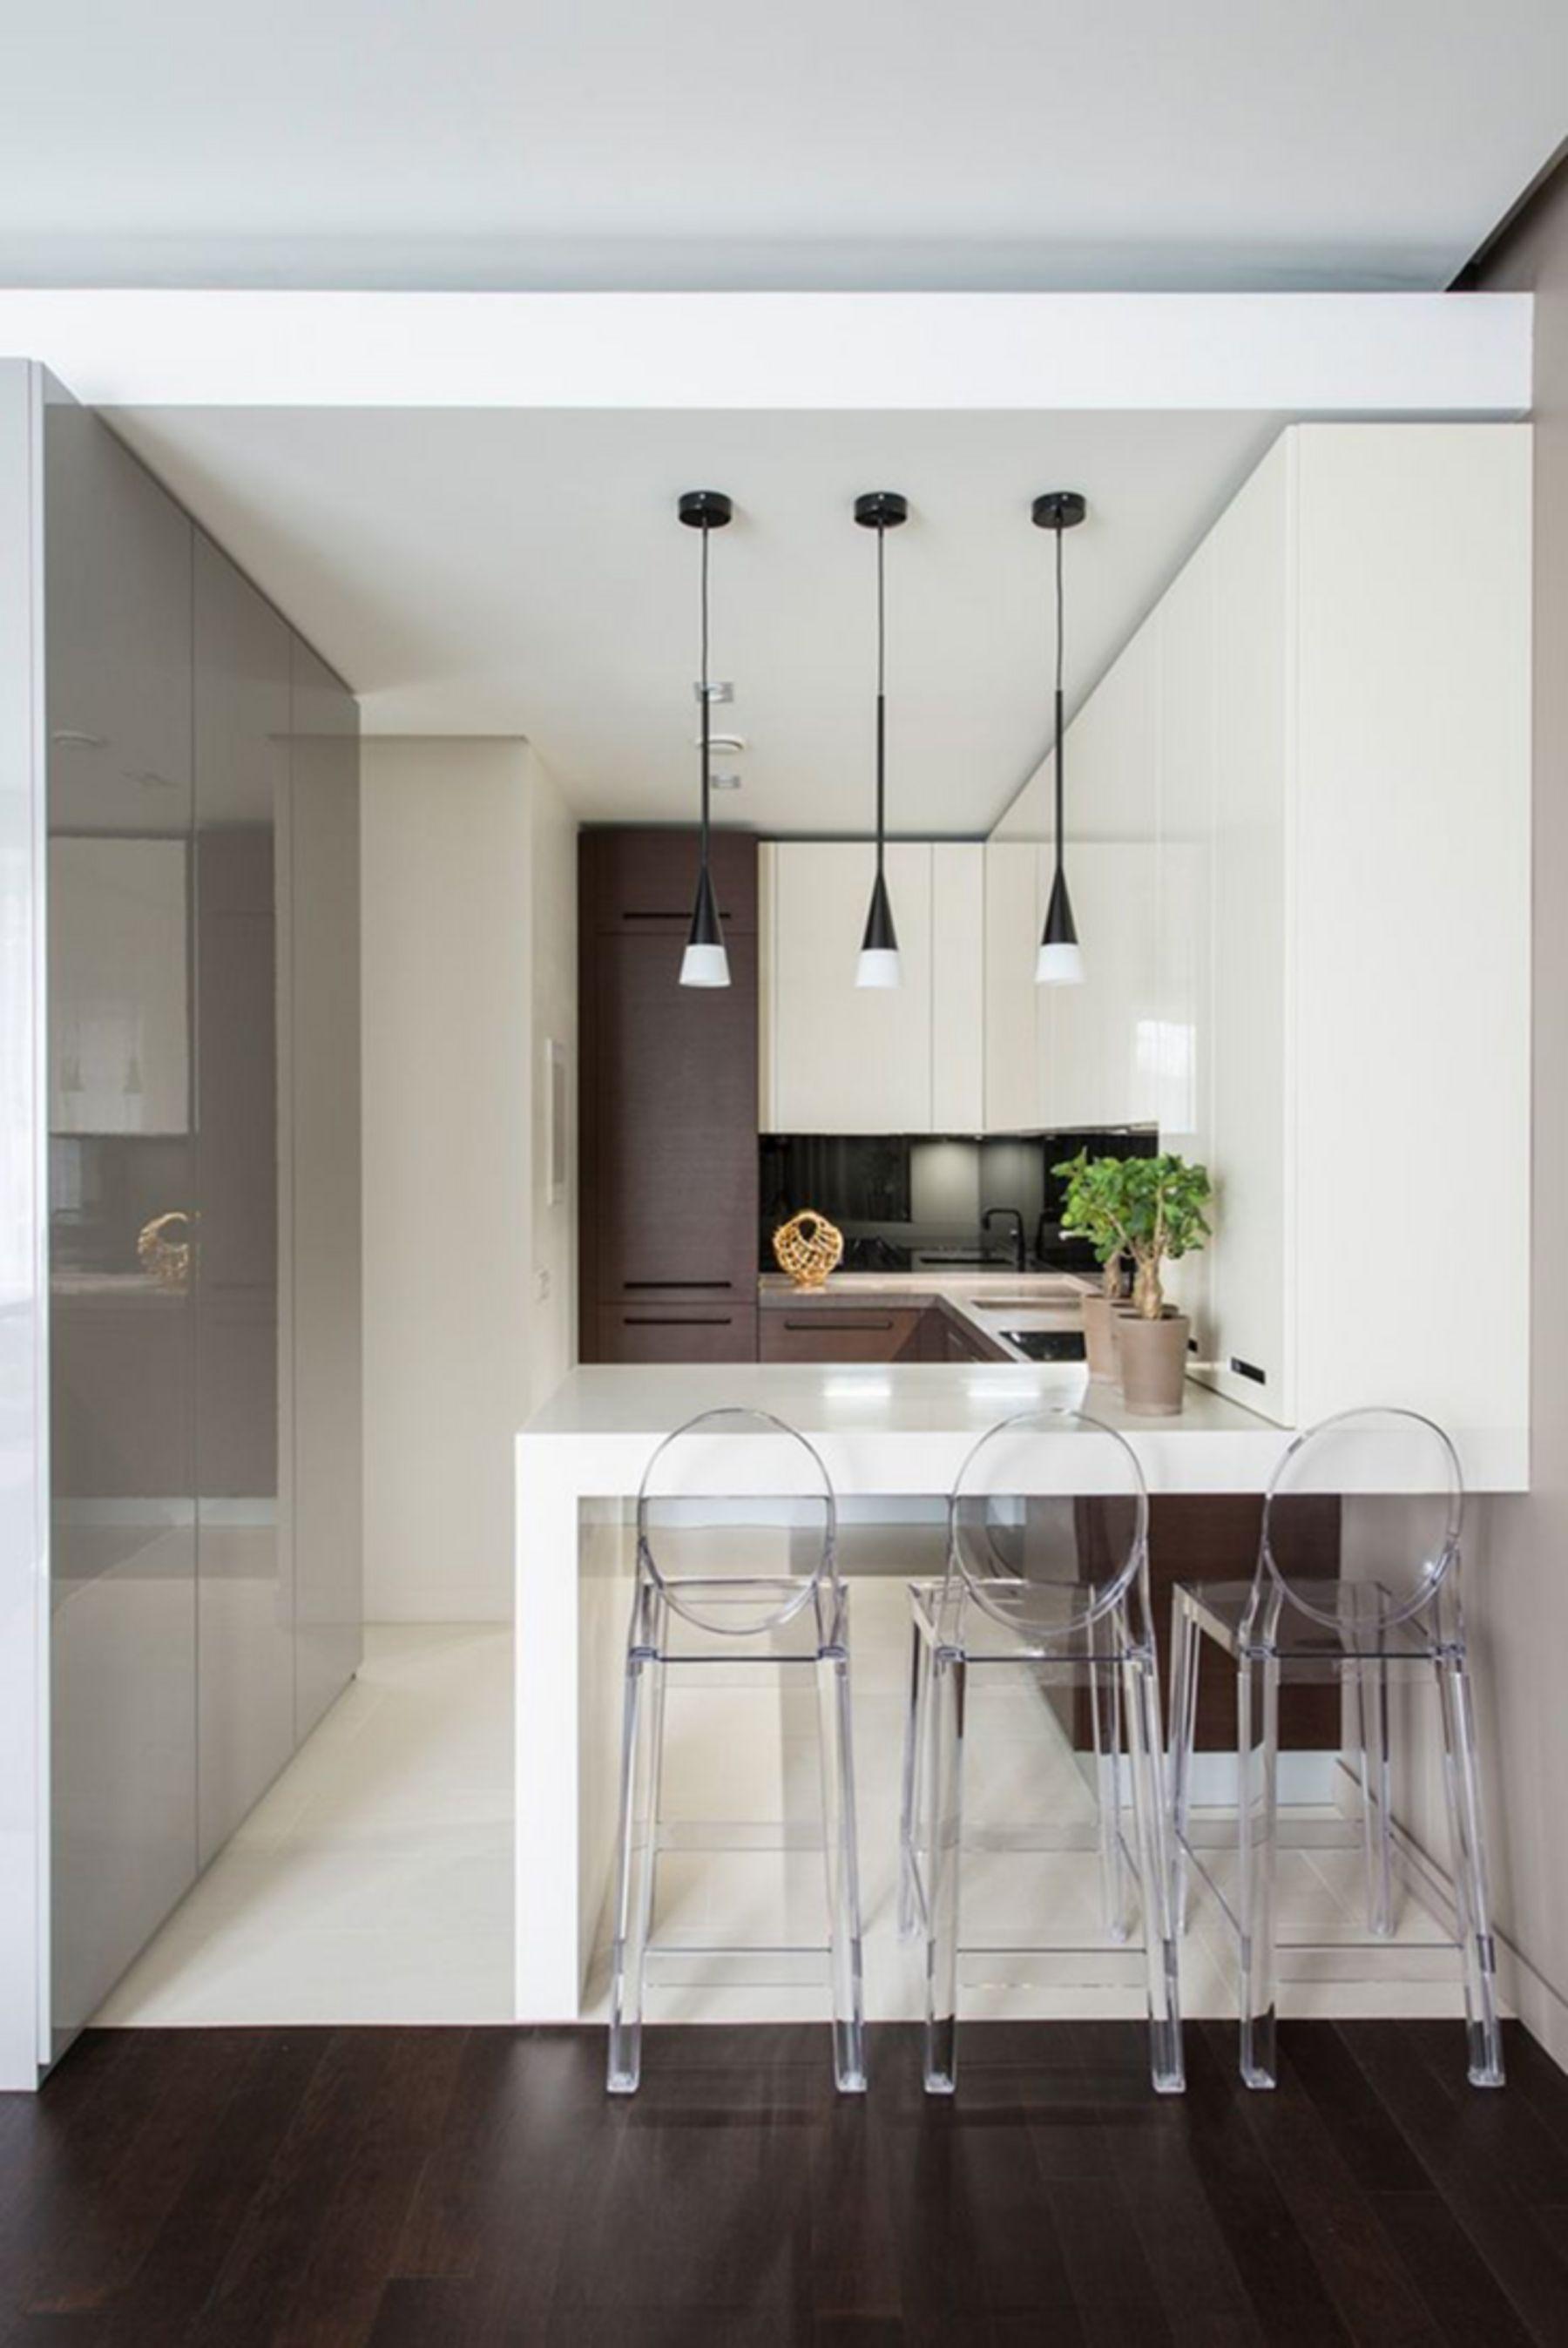 Small Kitchen Bar Top 10 Minimalist Bar Table Design Ideas For Your Small Kitchen In 2020 Minimalistische Kuche Barhocker Kleine Kuche